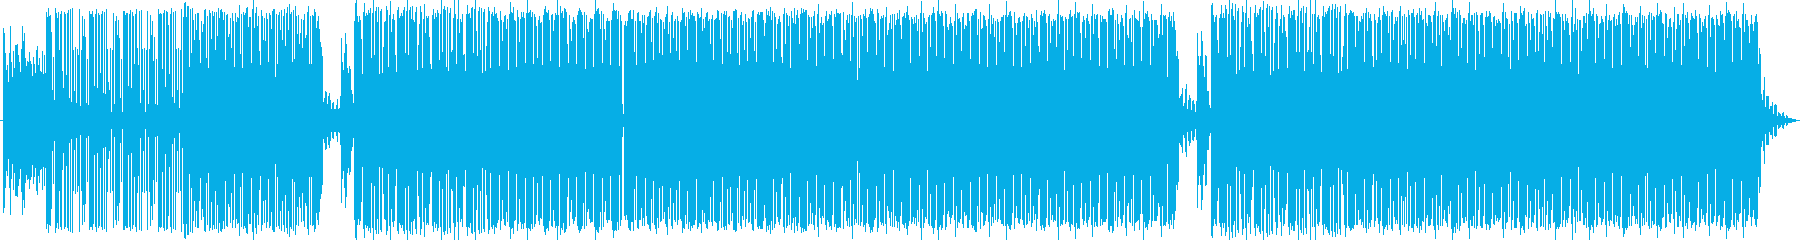 ファンキーなギターとベース。メロデ...の再生済みの波形